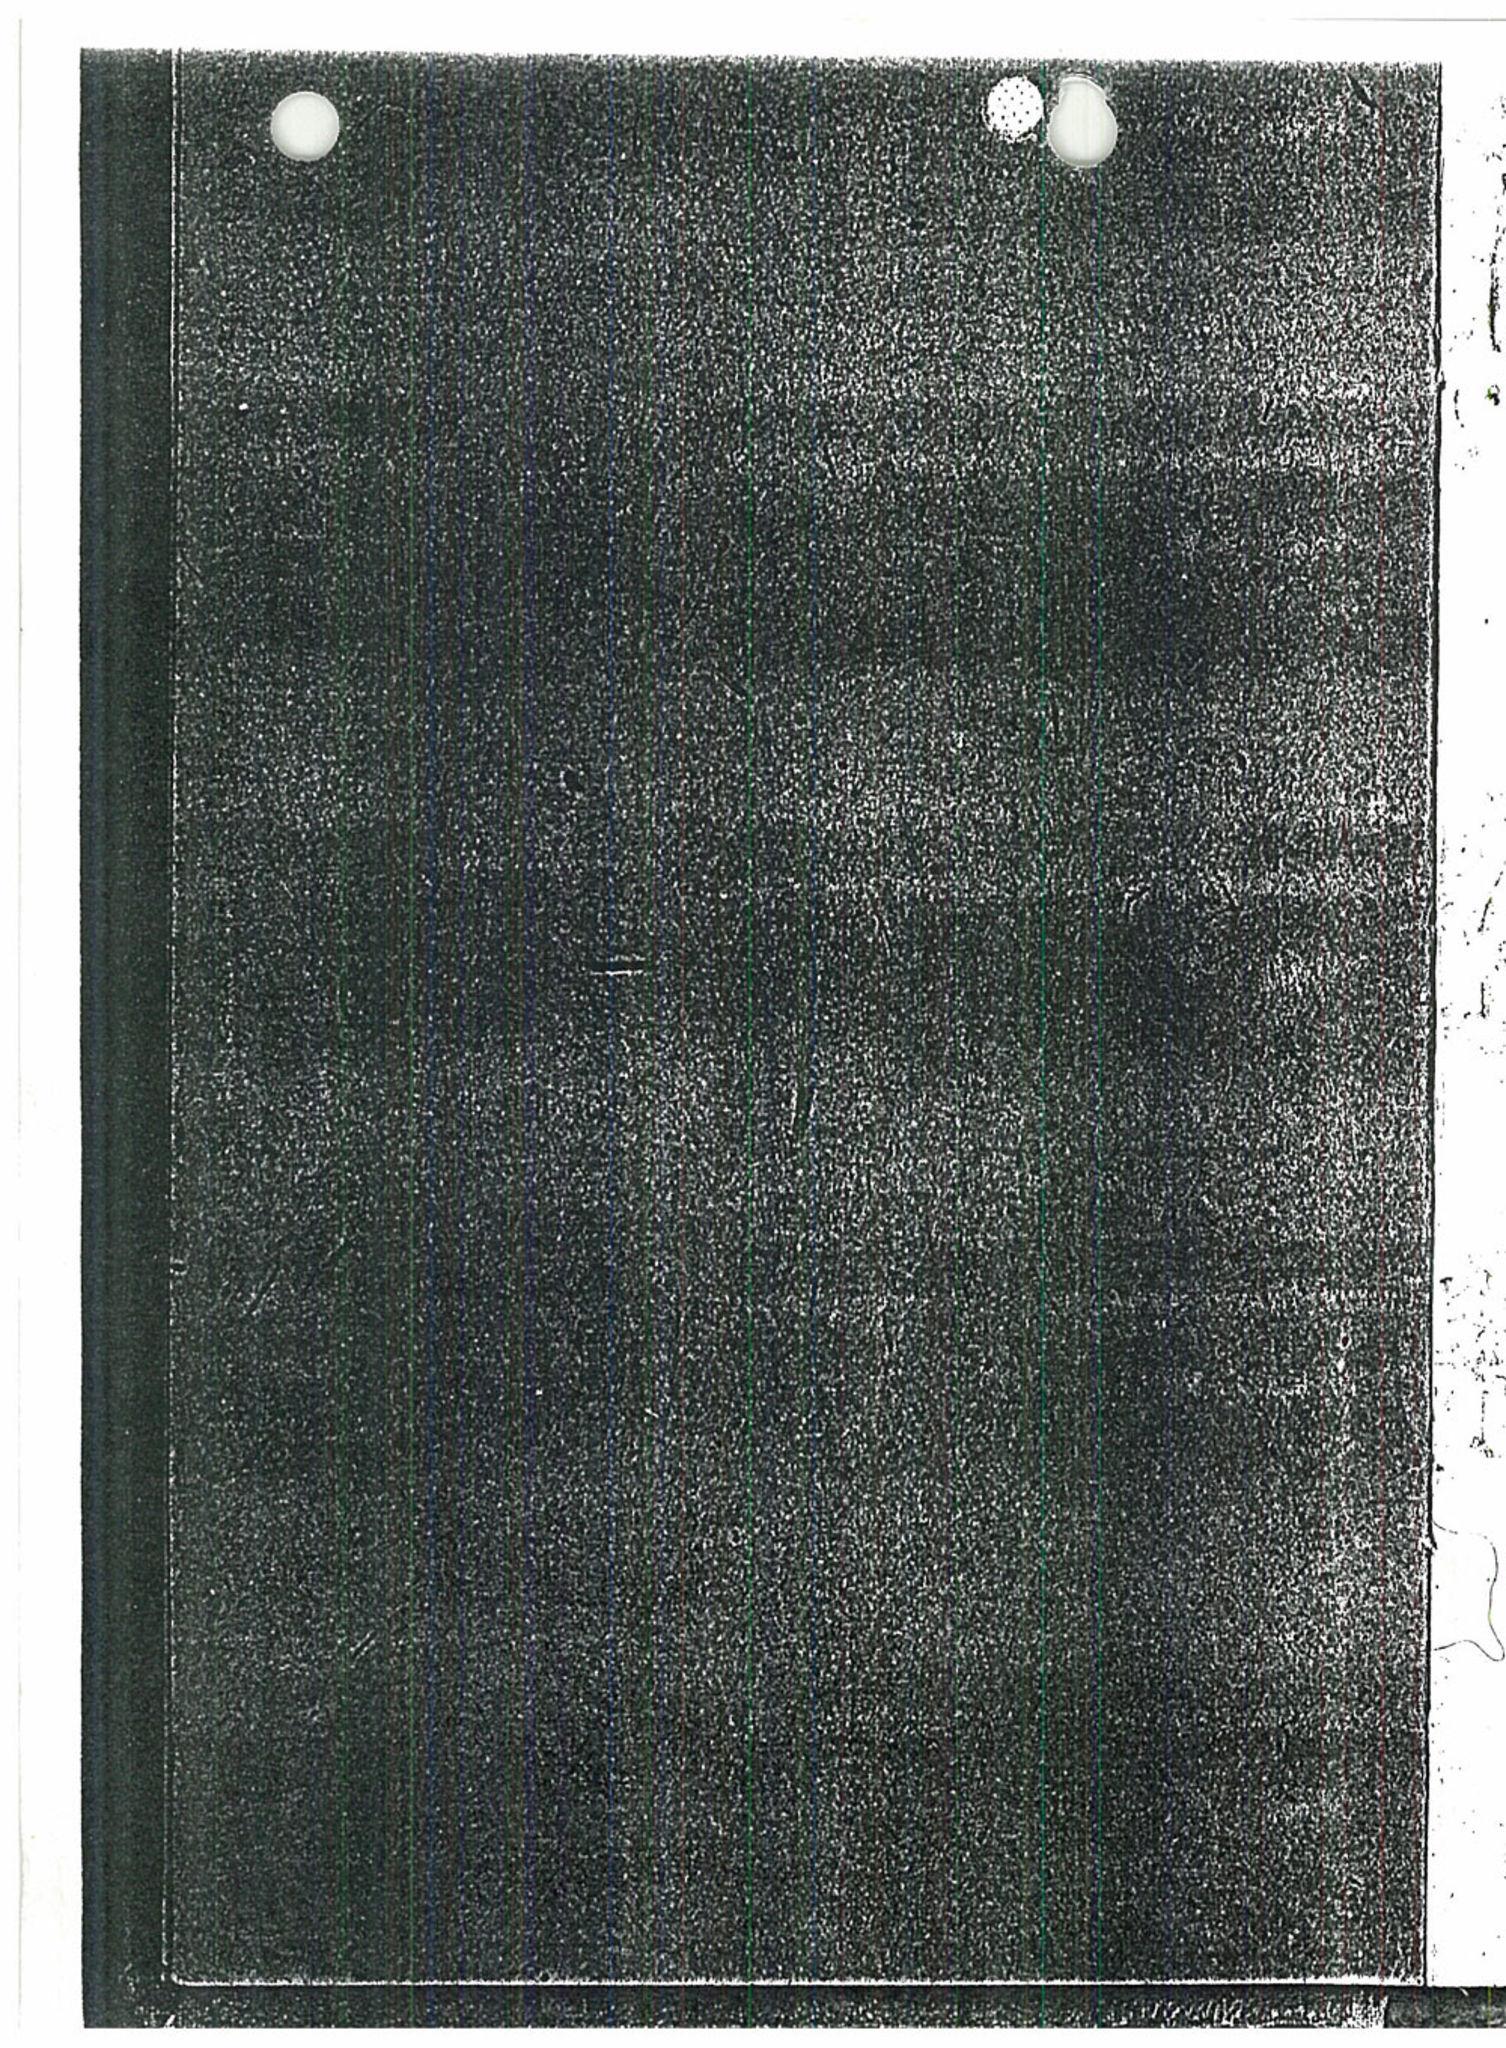 PUBL, Andre publikasjoner, -/-: Bilboken for Norge 1930, 1930